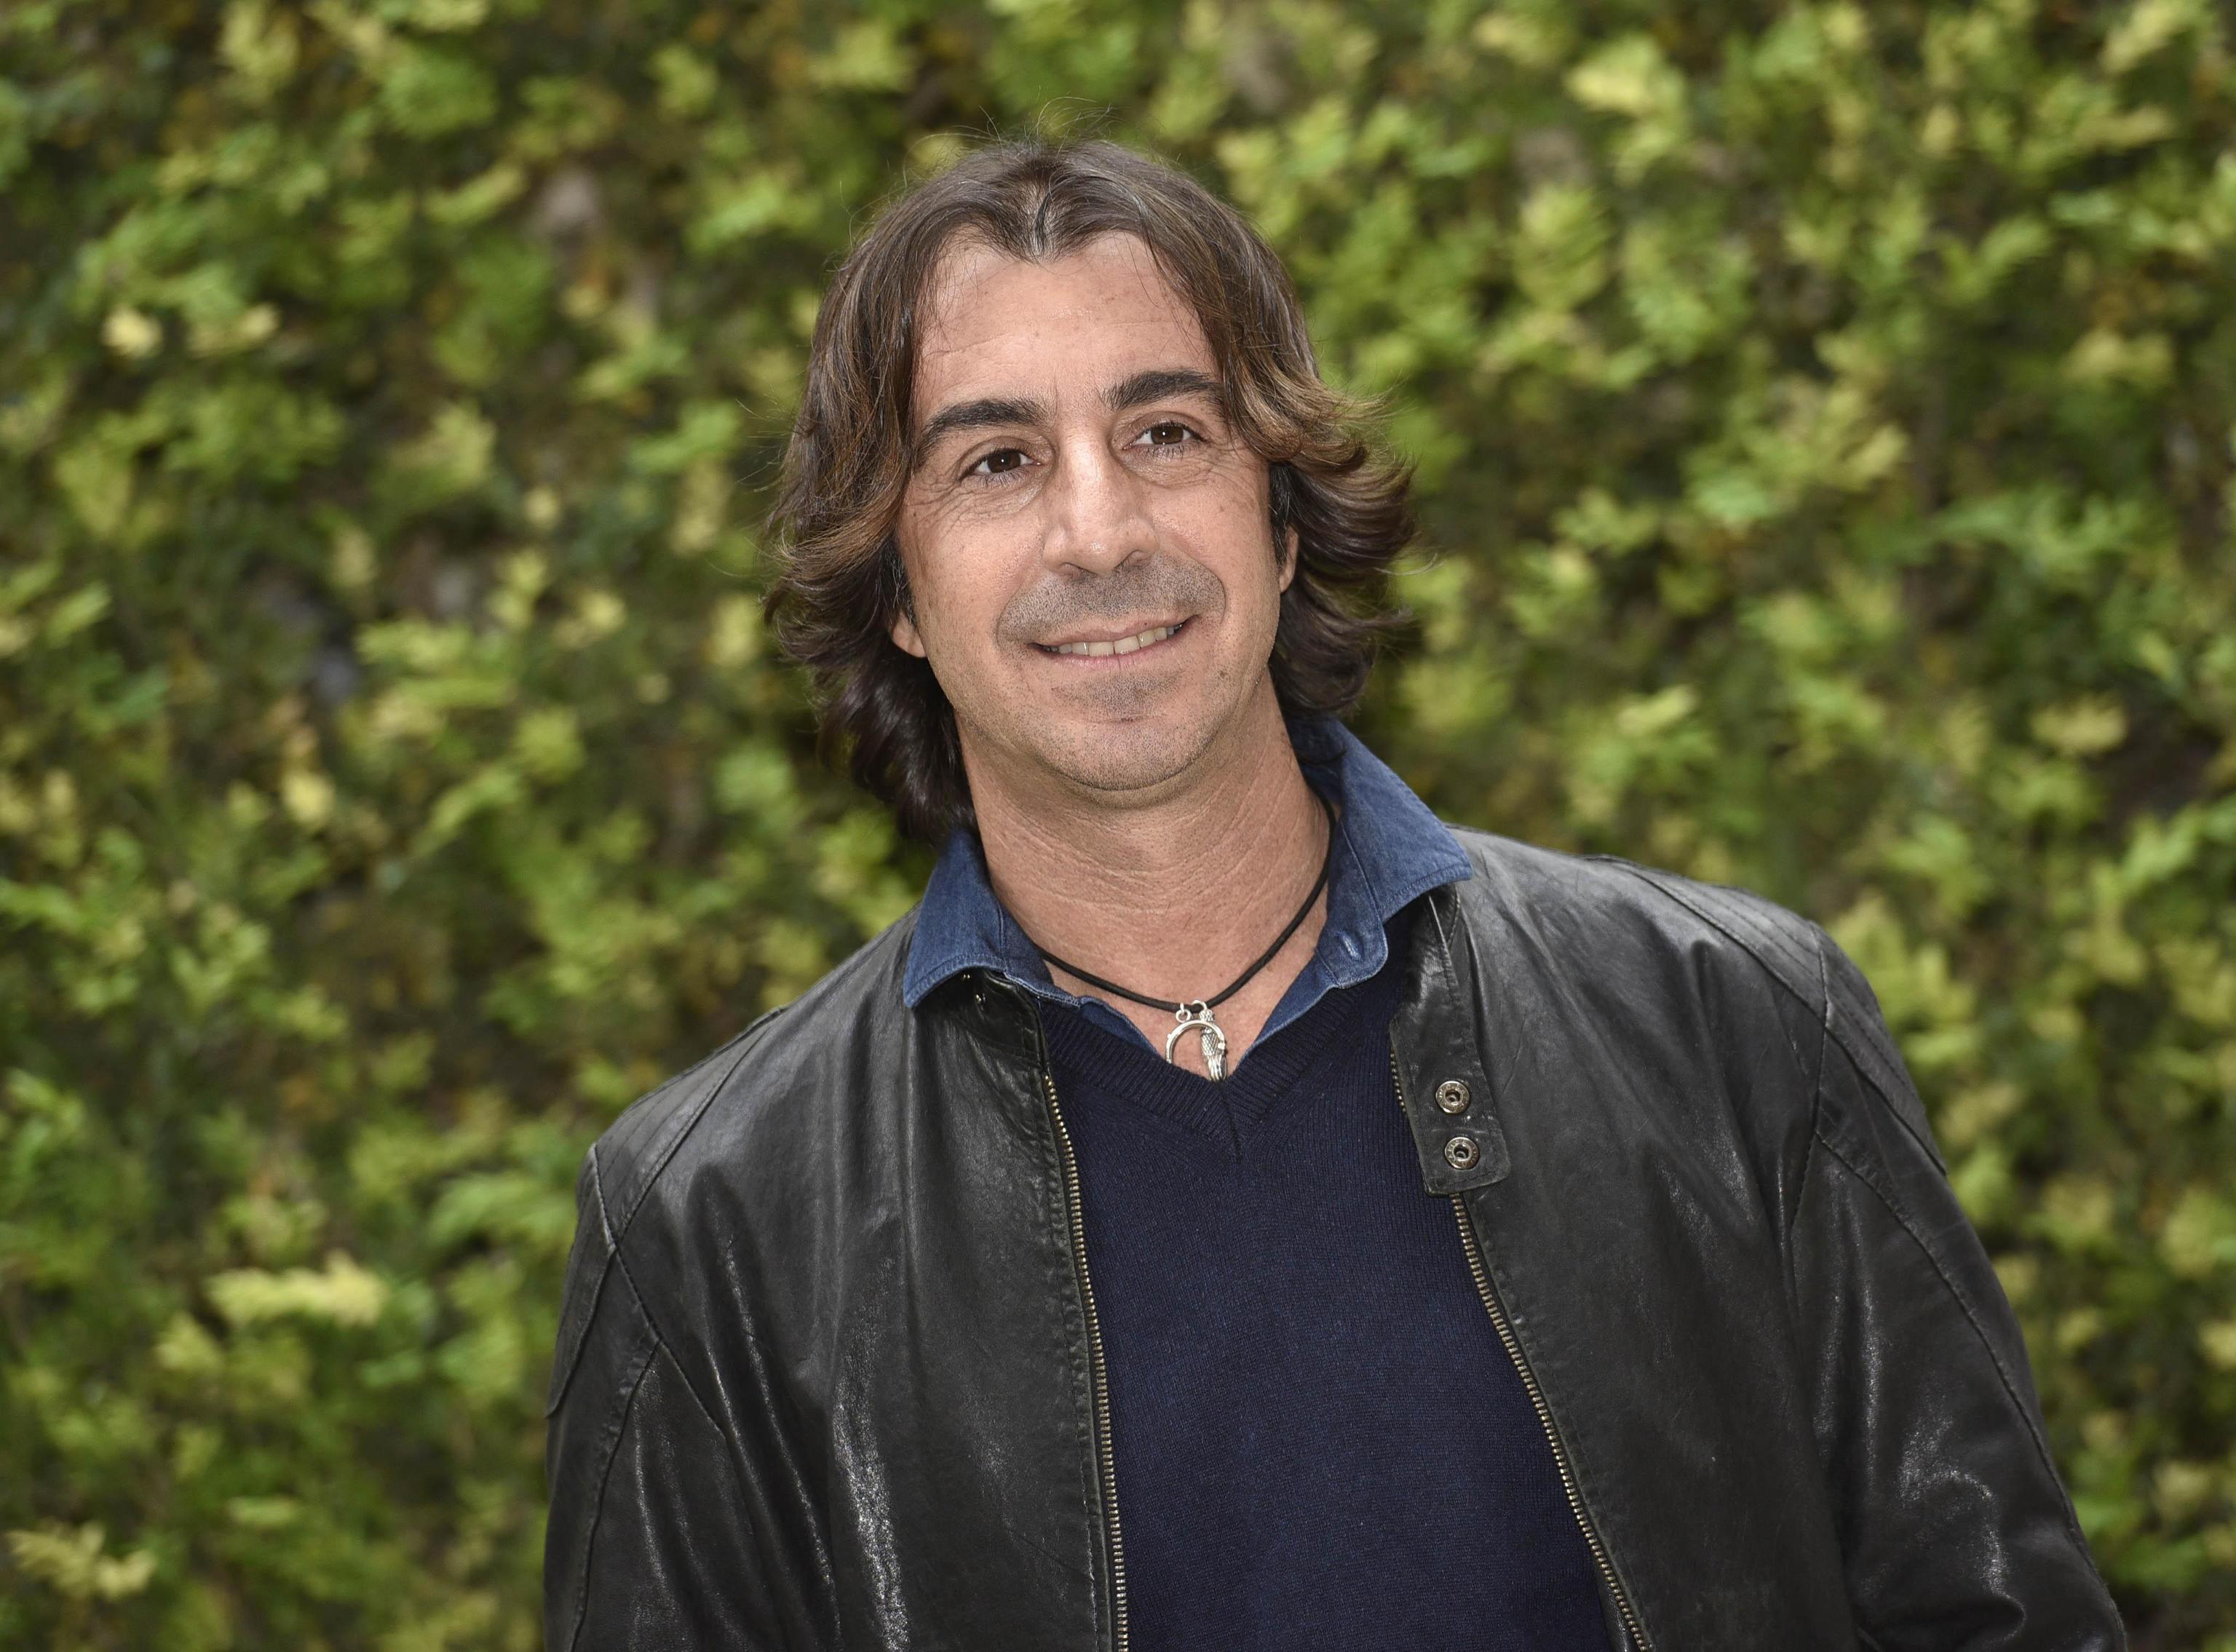 Marco Mazzoli lascia Radio 105 per una bestemmia: 'Sono confuso, spaventato e stanco'